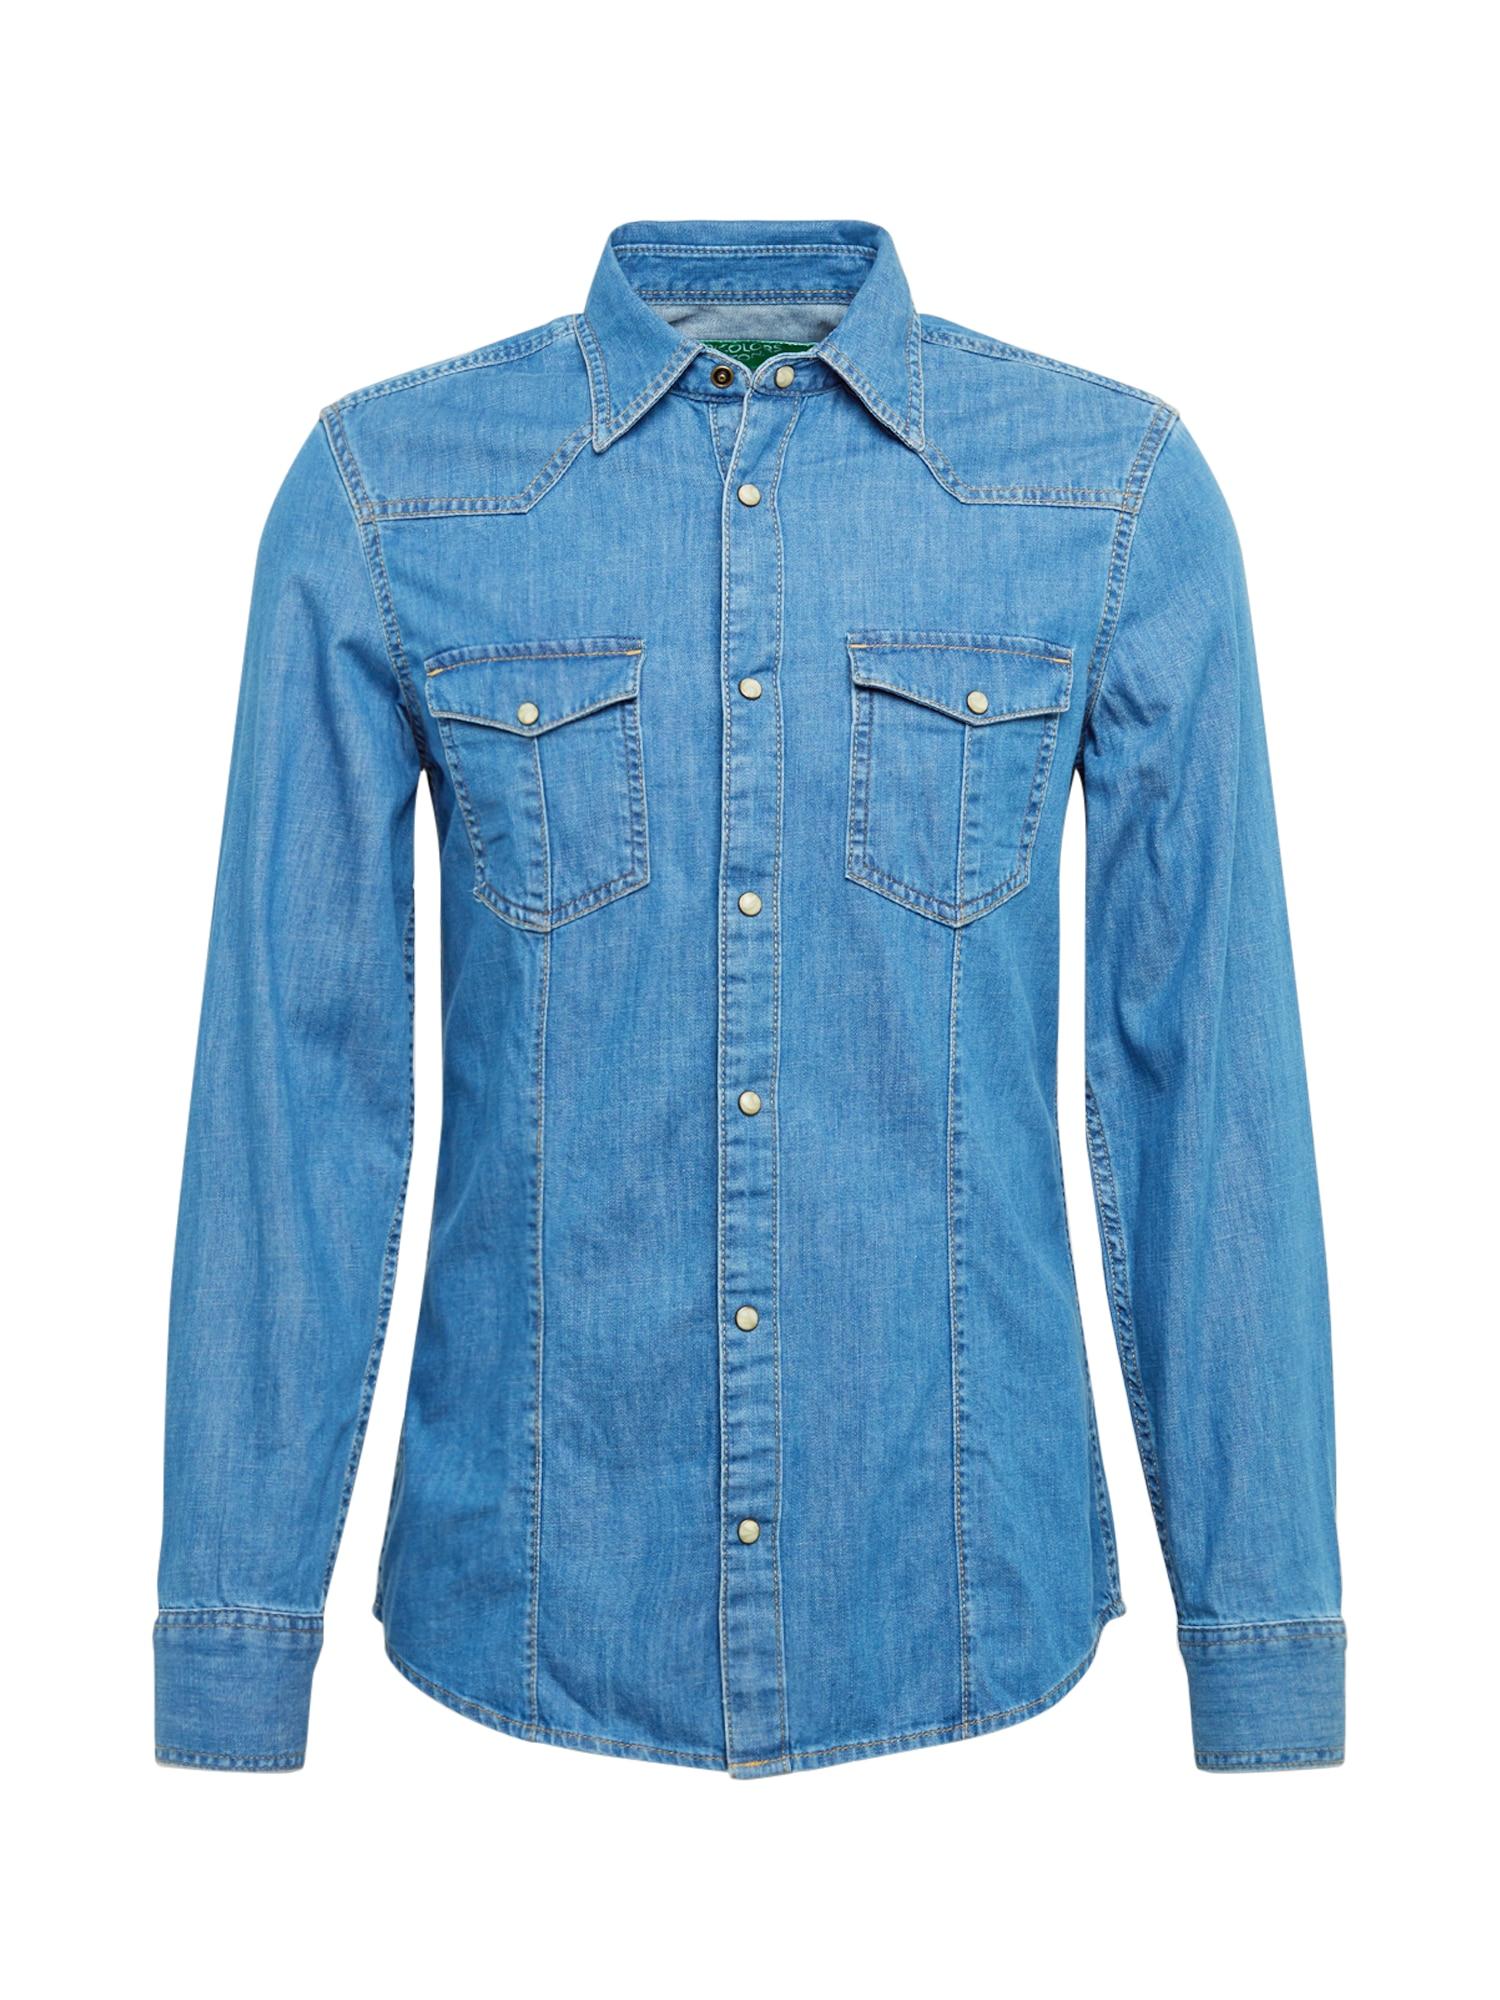 UNITED COLORS OF BENETTON Dalykiniai marškiniai tamsiai (džinso) mėlyna